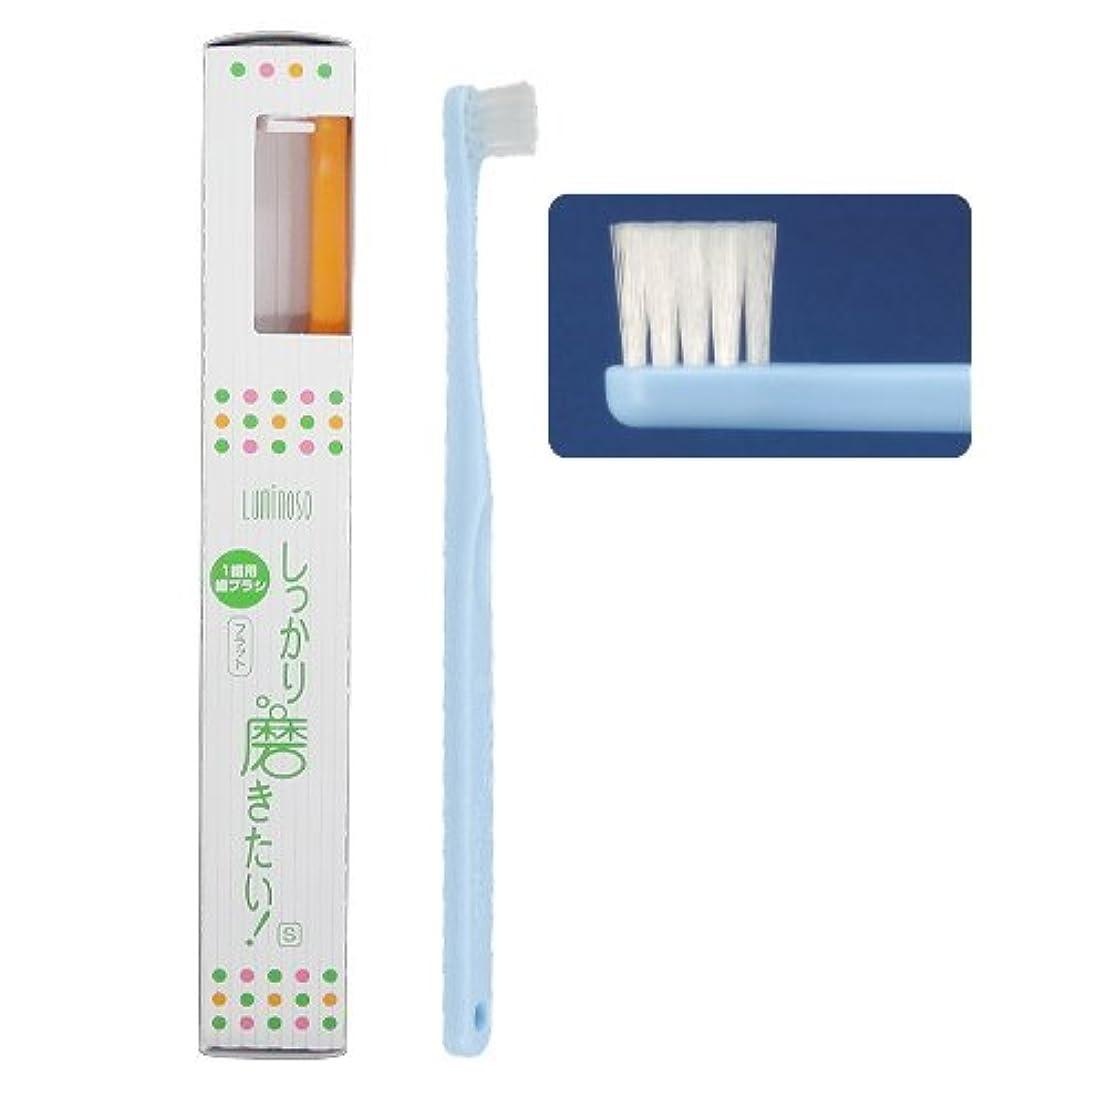 皮財政パイロットルミノソ 1歯用歯ブラシ 「しっかり磨きたい!」 フラット ソフト (カラー指定不可) 10本